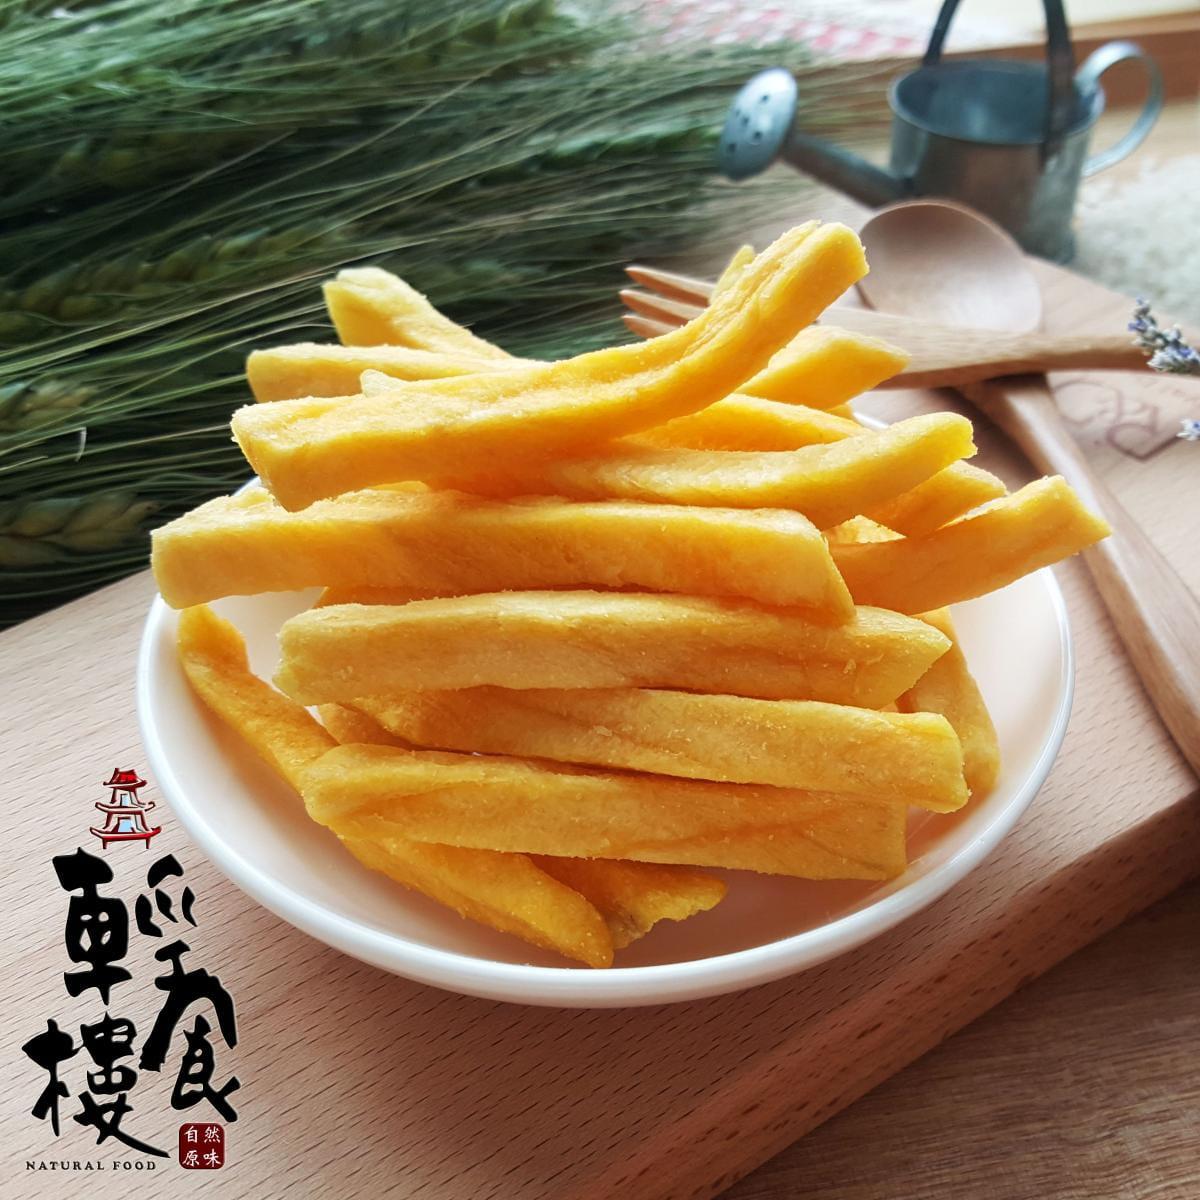 輕食樓綜合雙薯脆條90g 2